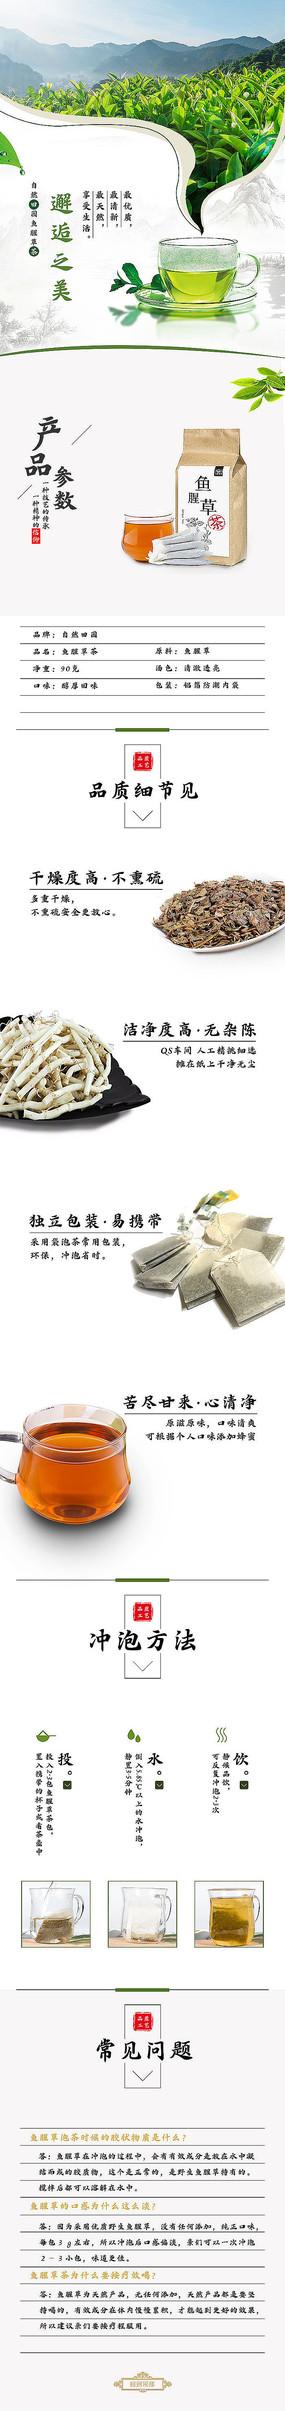 茶叶详情页设计模板